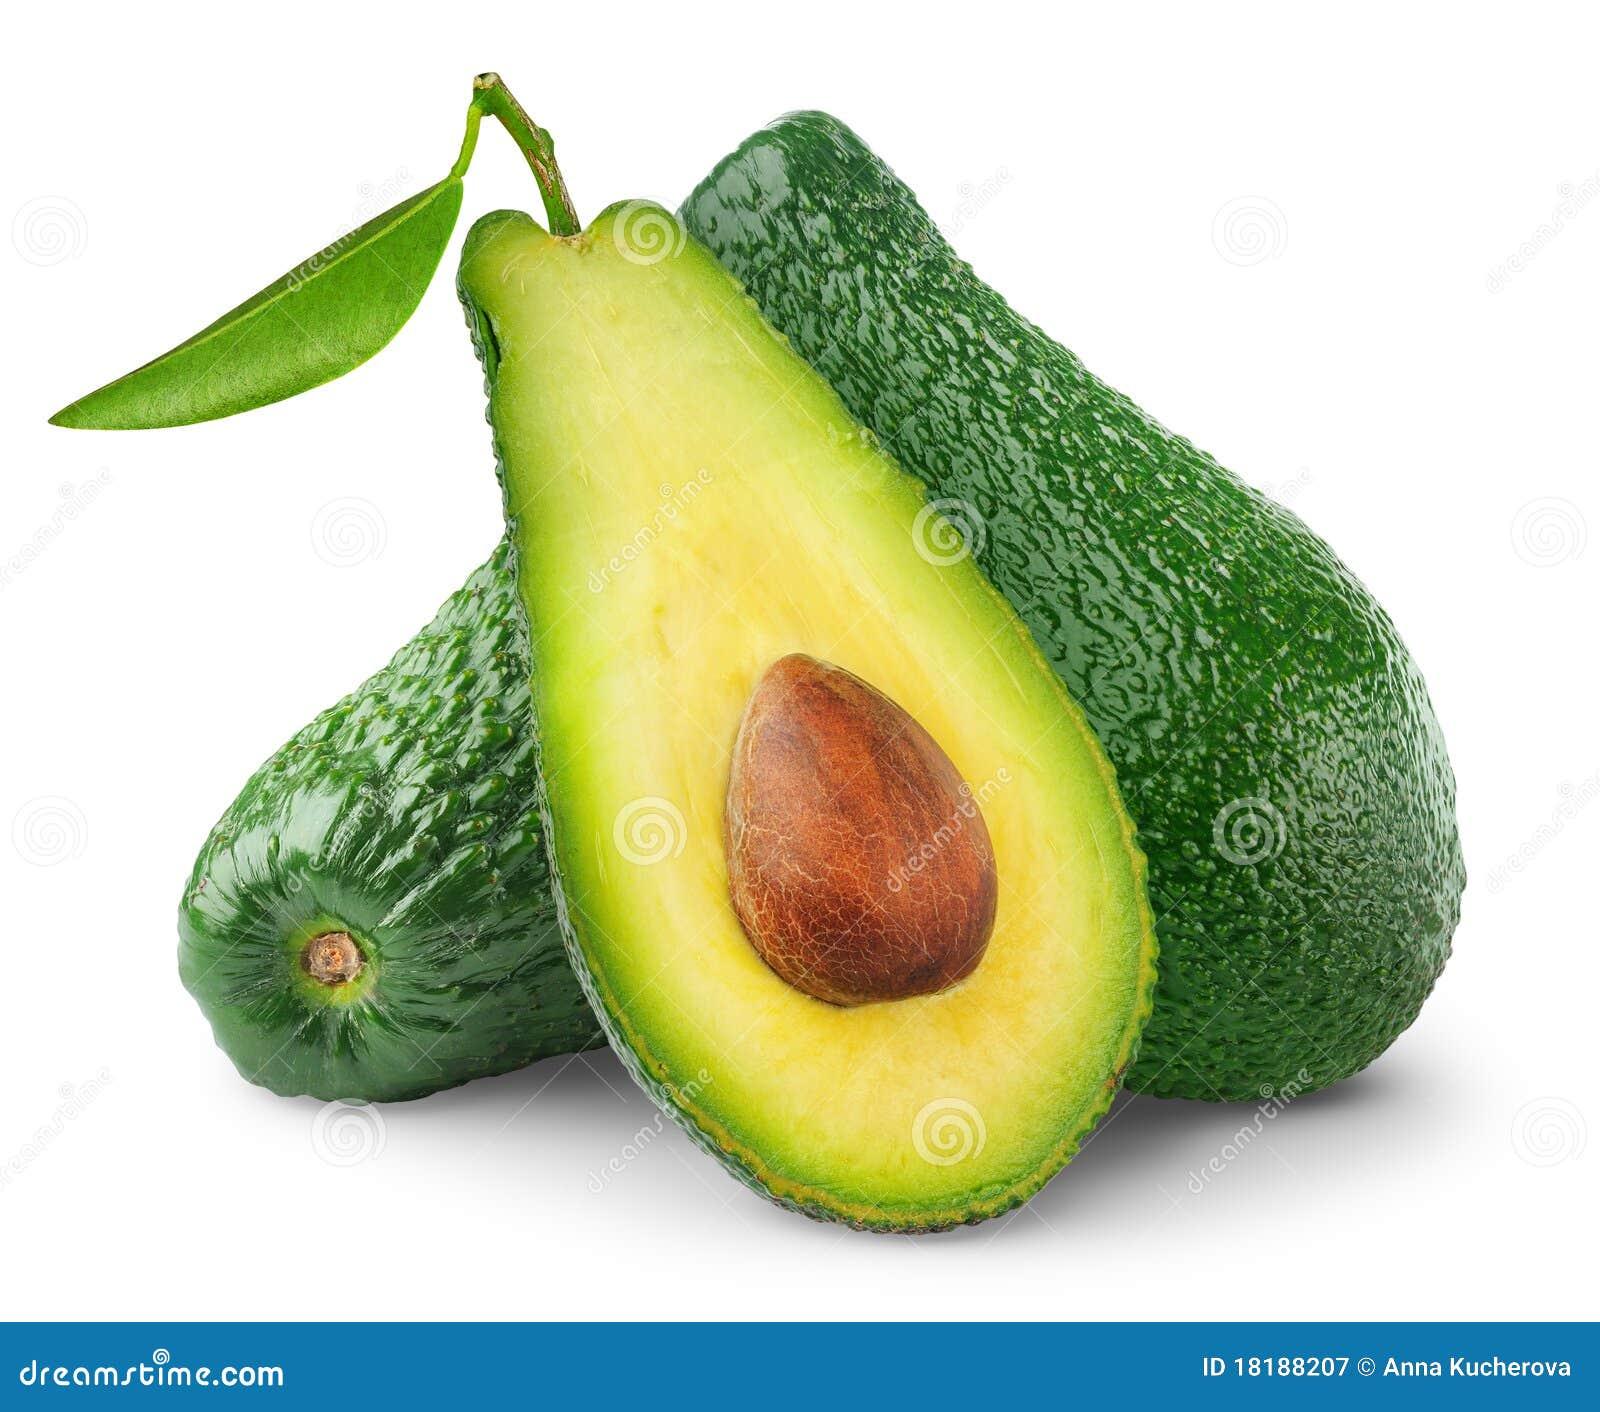 Isolated avocado fruits